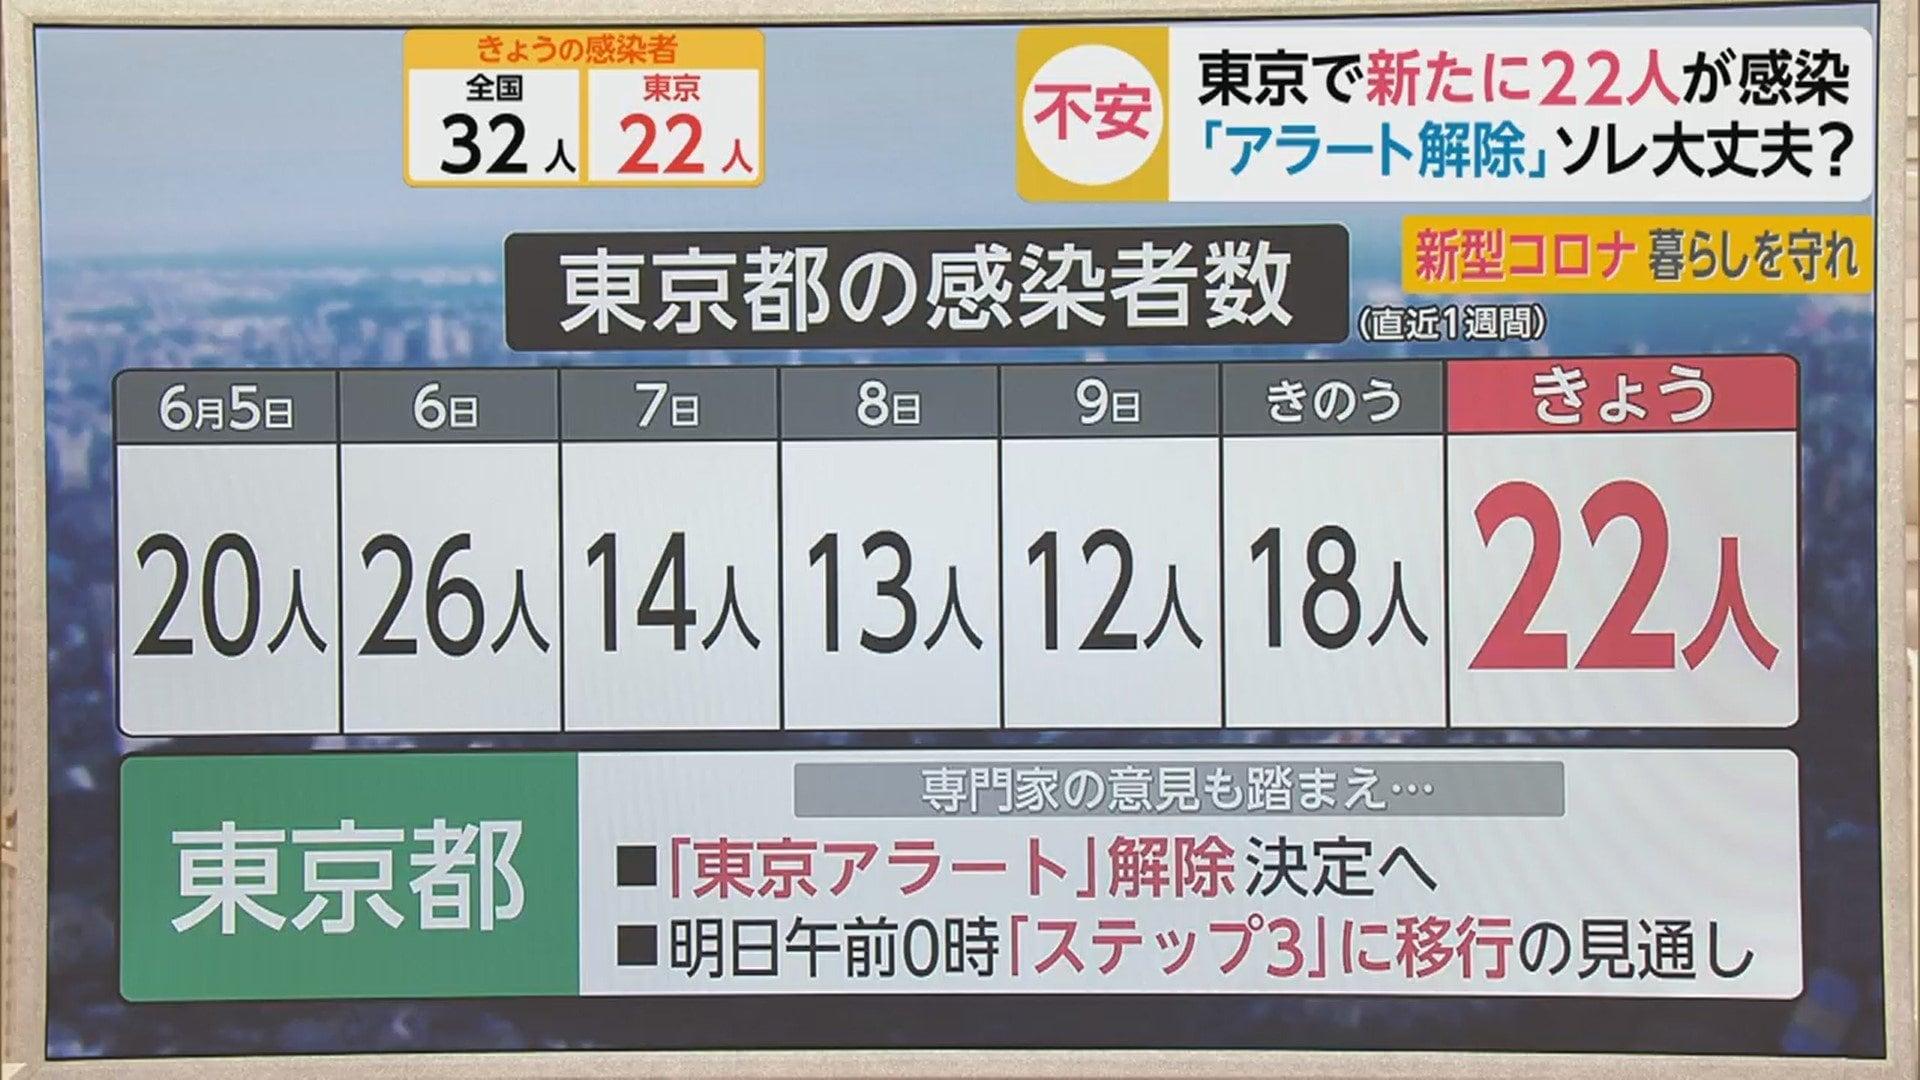 今日 の コロナ 感染 者 東京